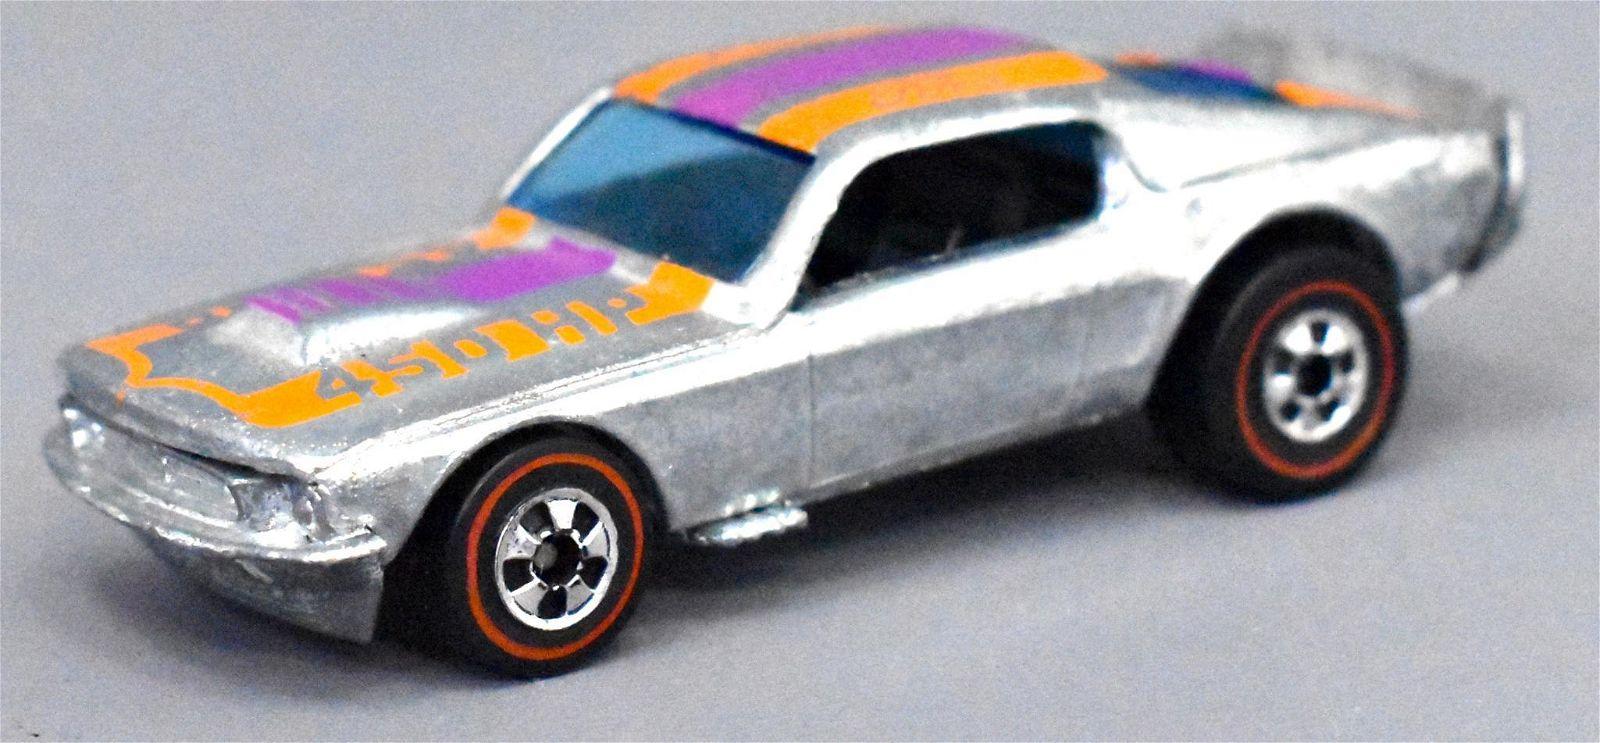 Mattel Redline Hot Wheels Chrome Mustang Stocker